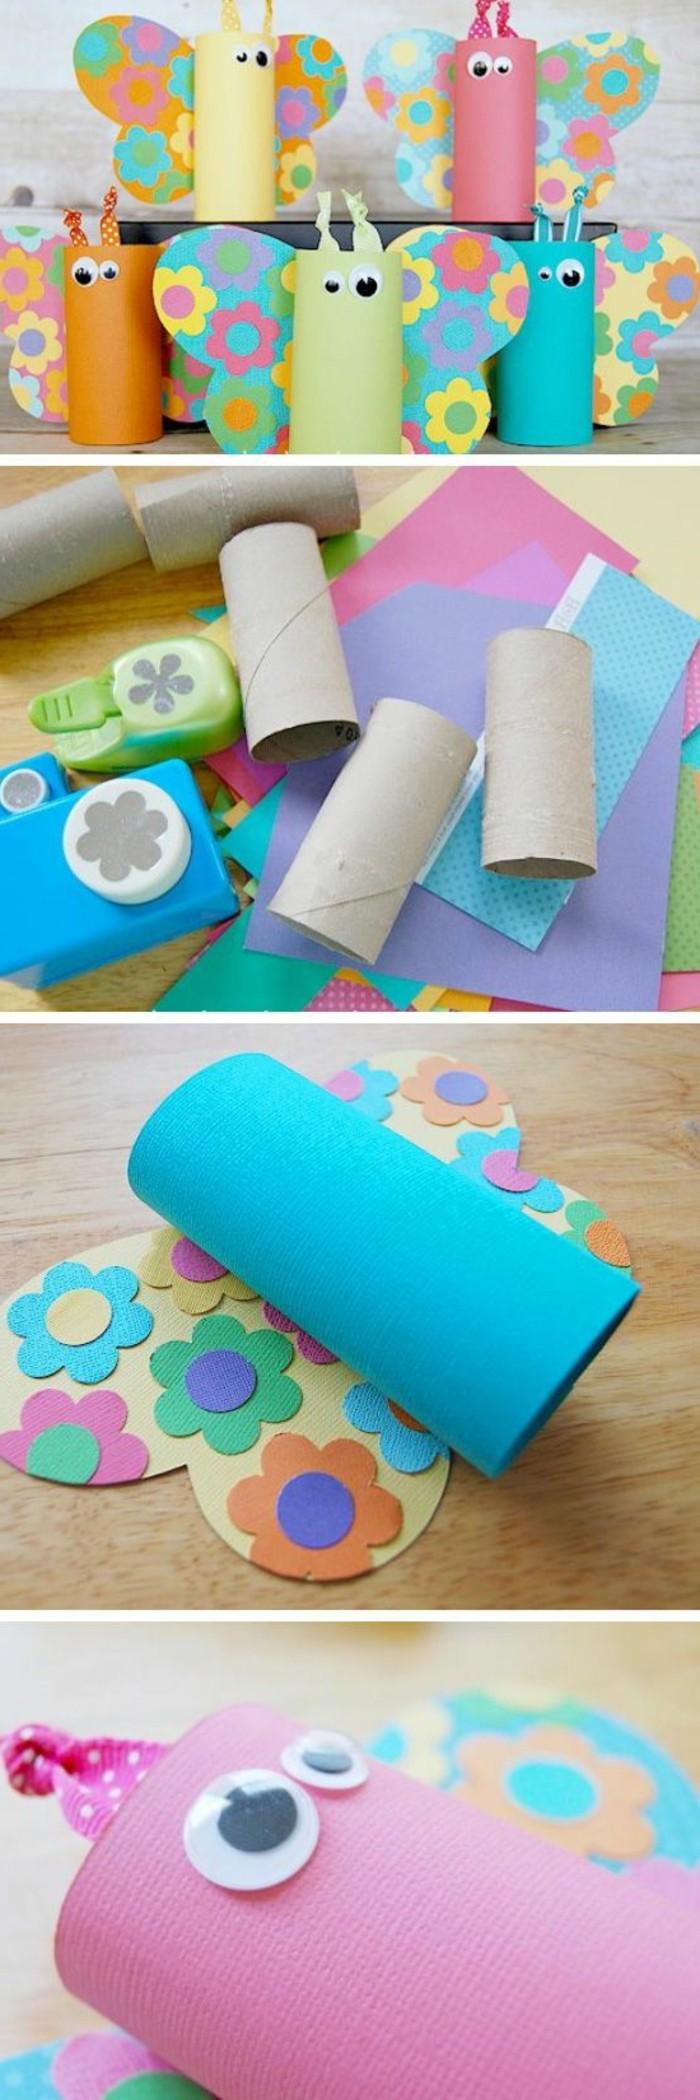 activité-créative-primaire-maternelle-comment-faire-des-papillons-multicolores-de-rouleau-de-papier-toilette-ailes-en-papier-des-yeux-mobiles